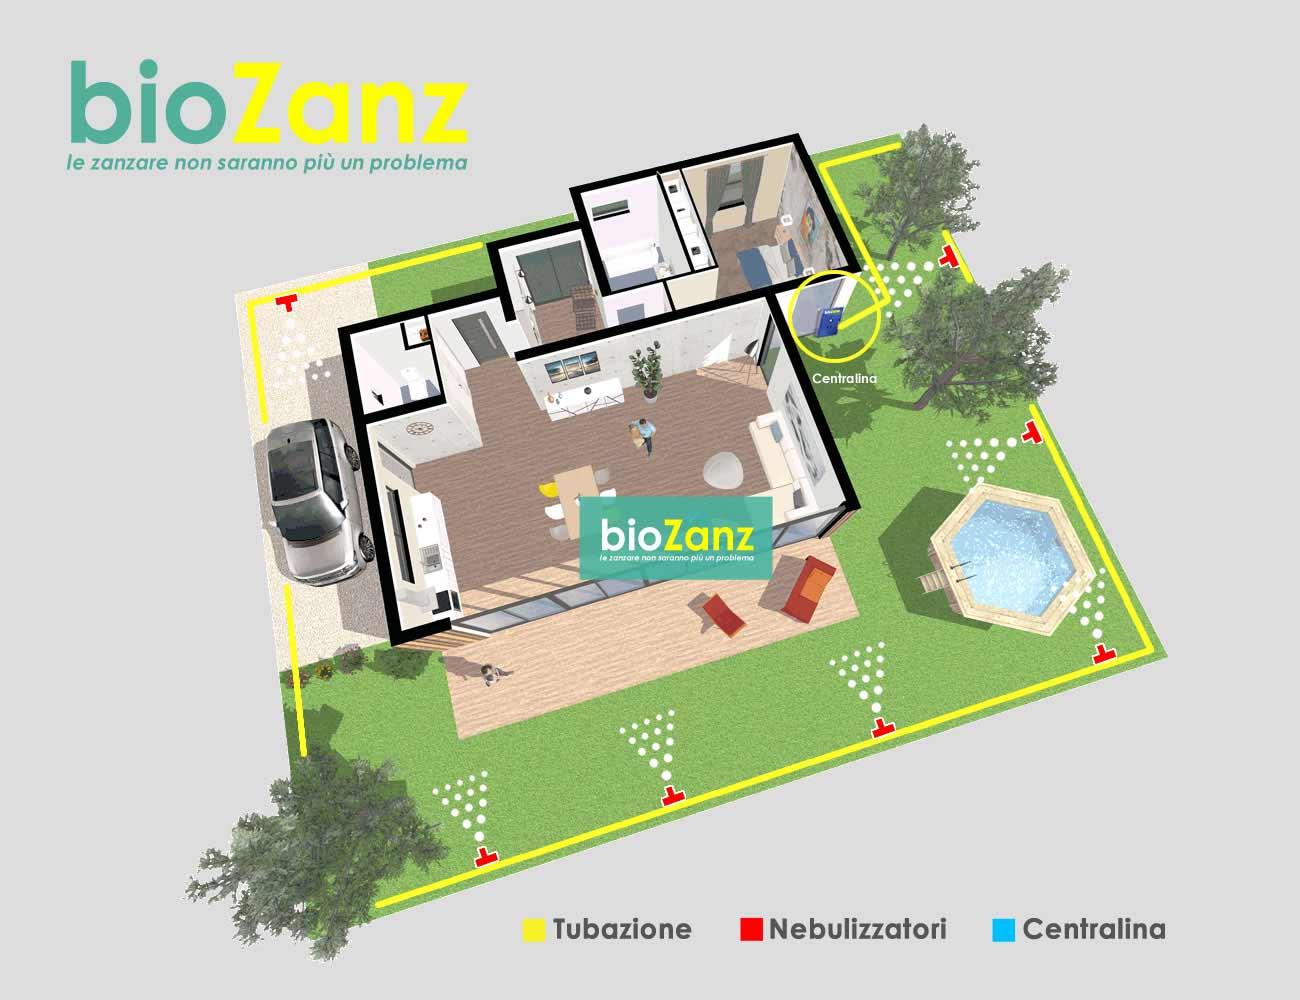 Impianto barriera antizanzare per casa e giardino